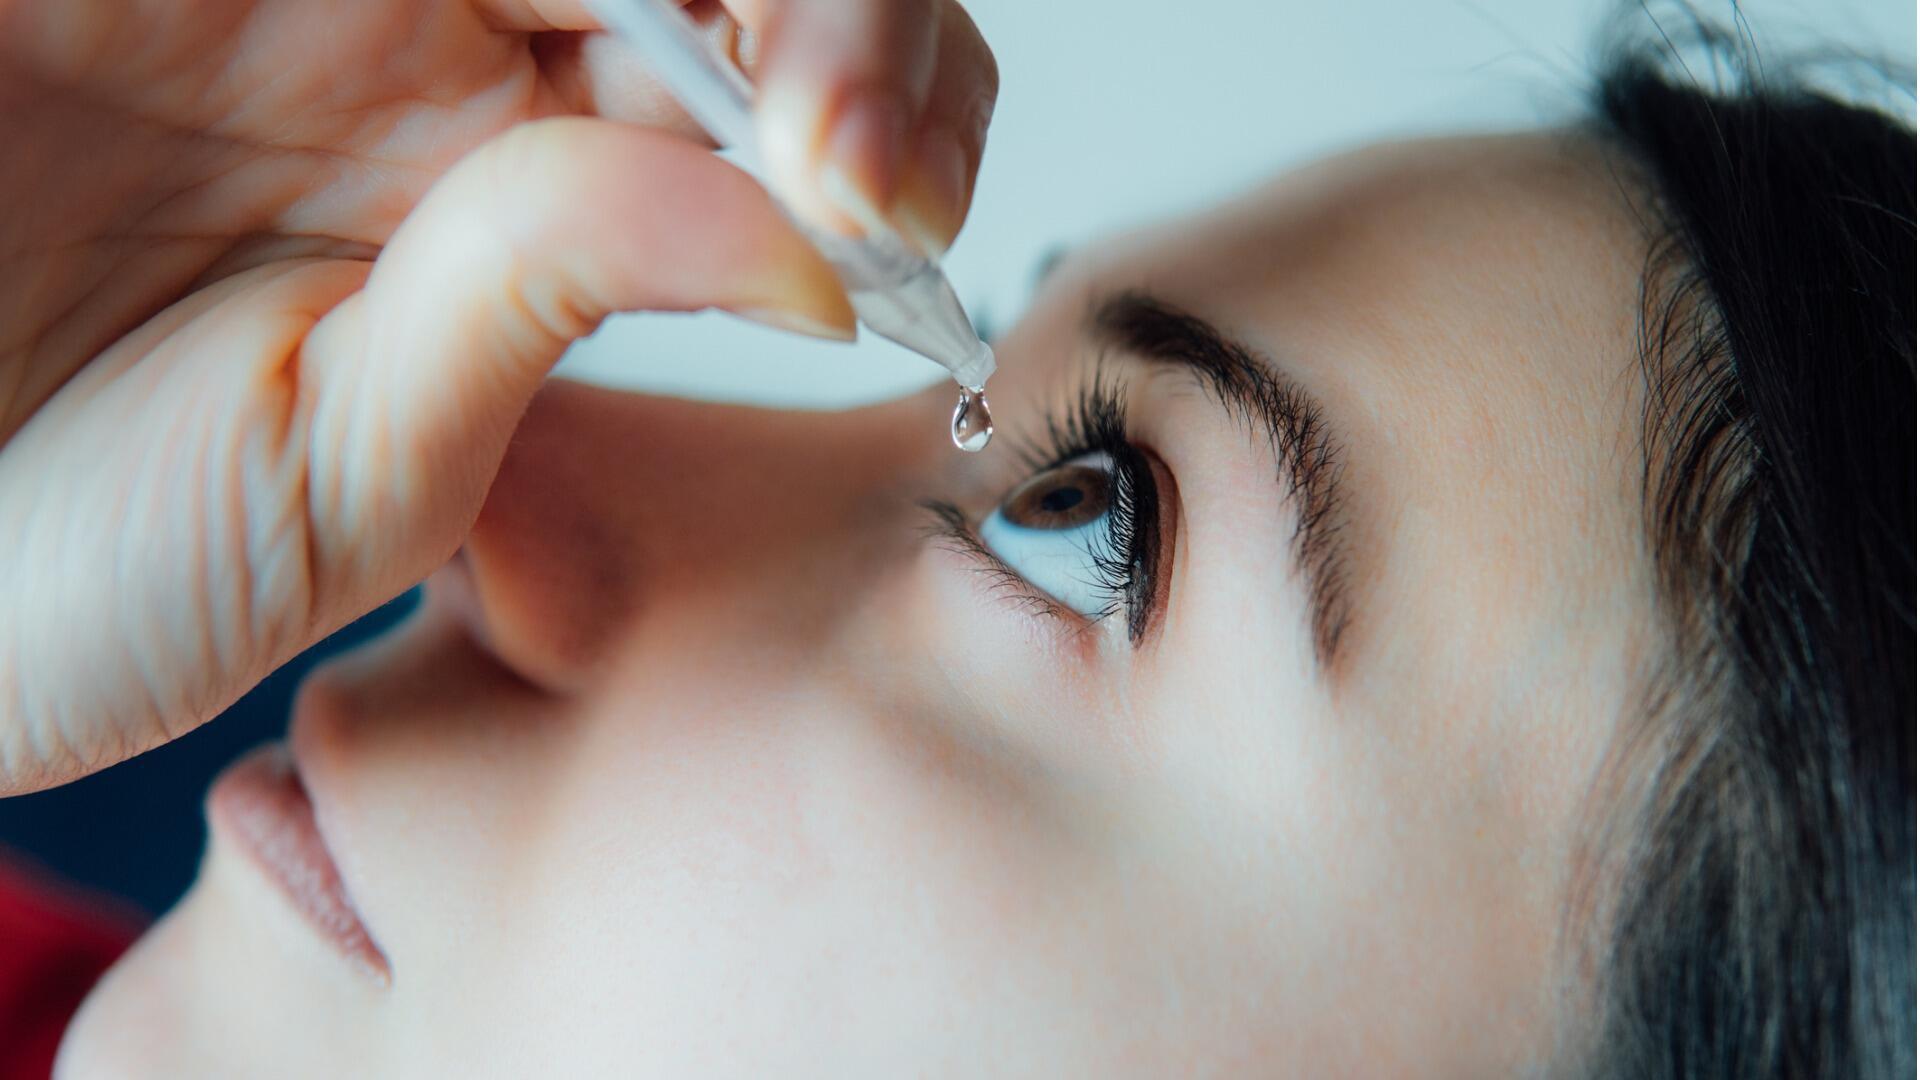 Les infections oculaires se manifestent par des douleurs, des rougeurs, des démangeaisons au niveau des yeux.